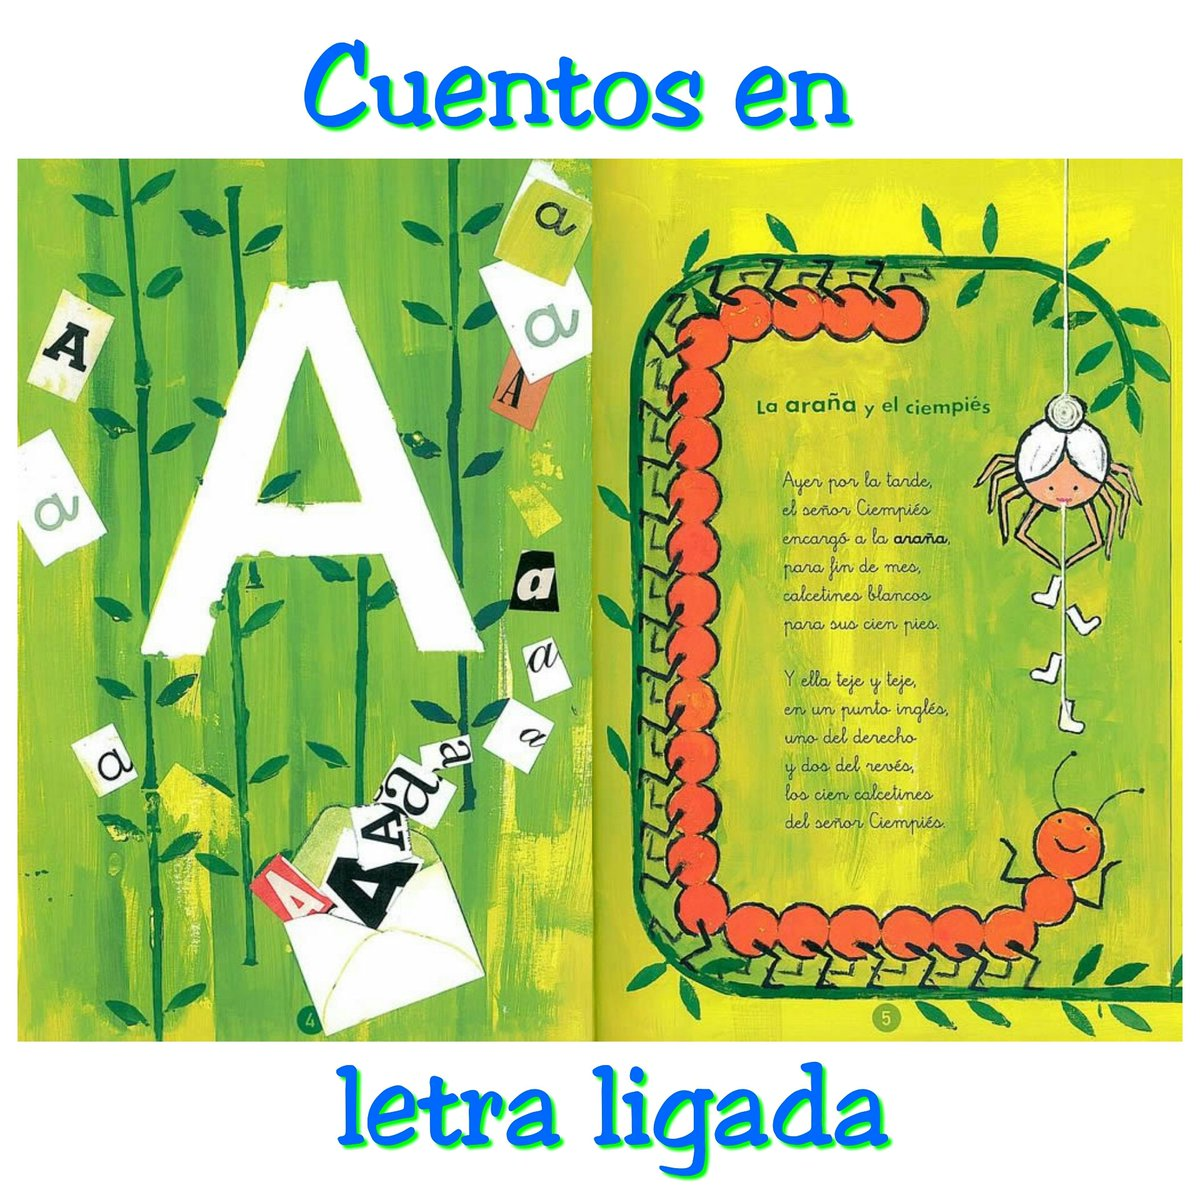 libros infantiles letra ligada